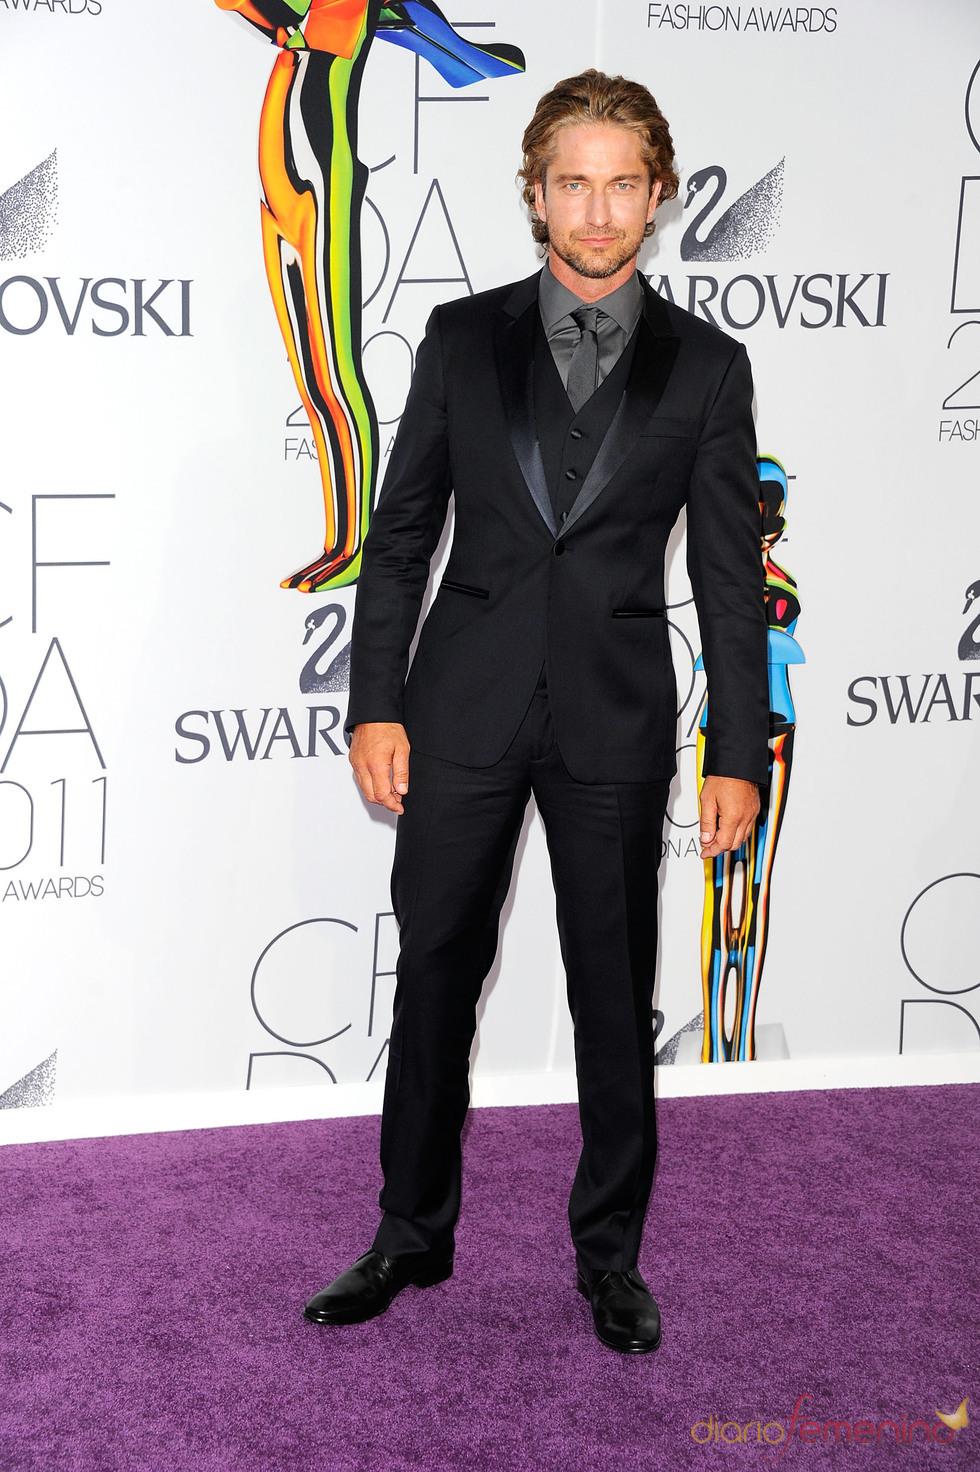 Gerard Butler en los Premios de Moda CFDA 2011